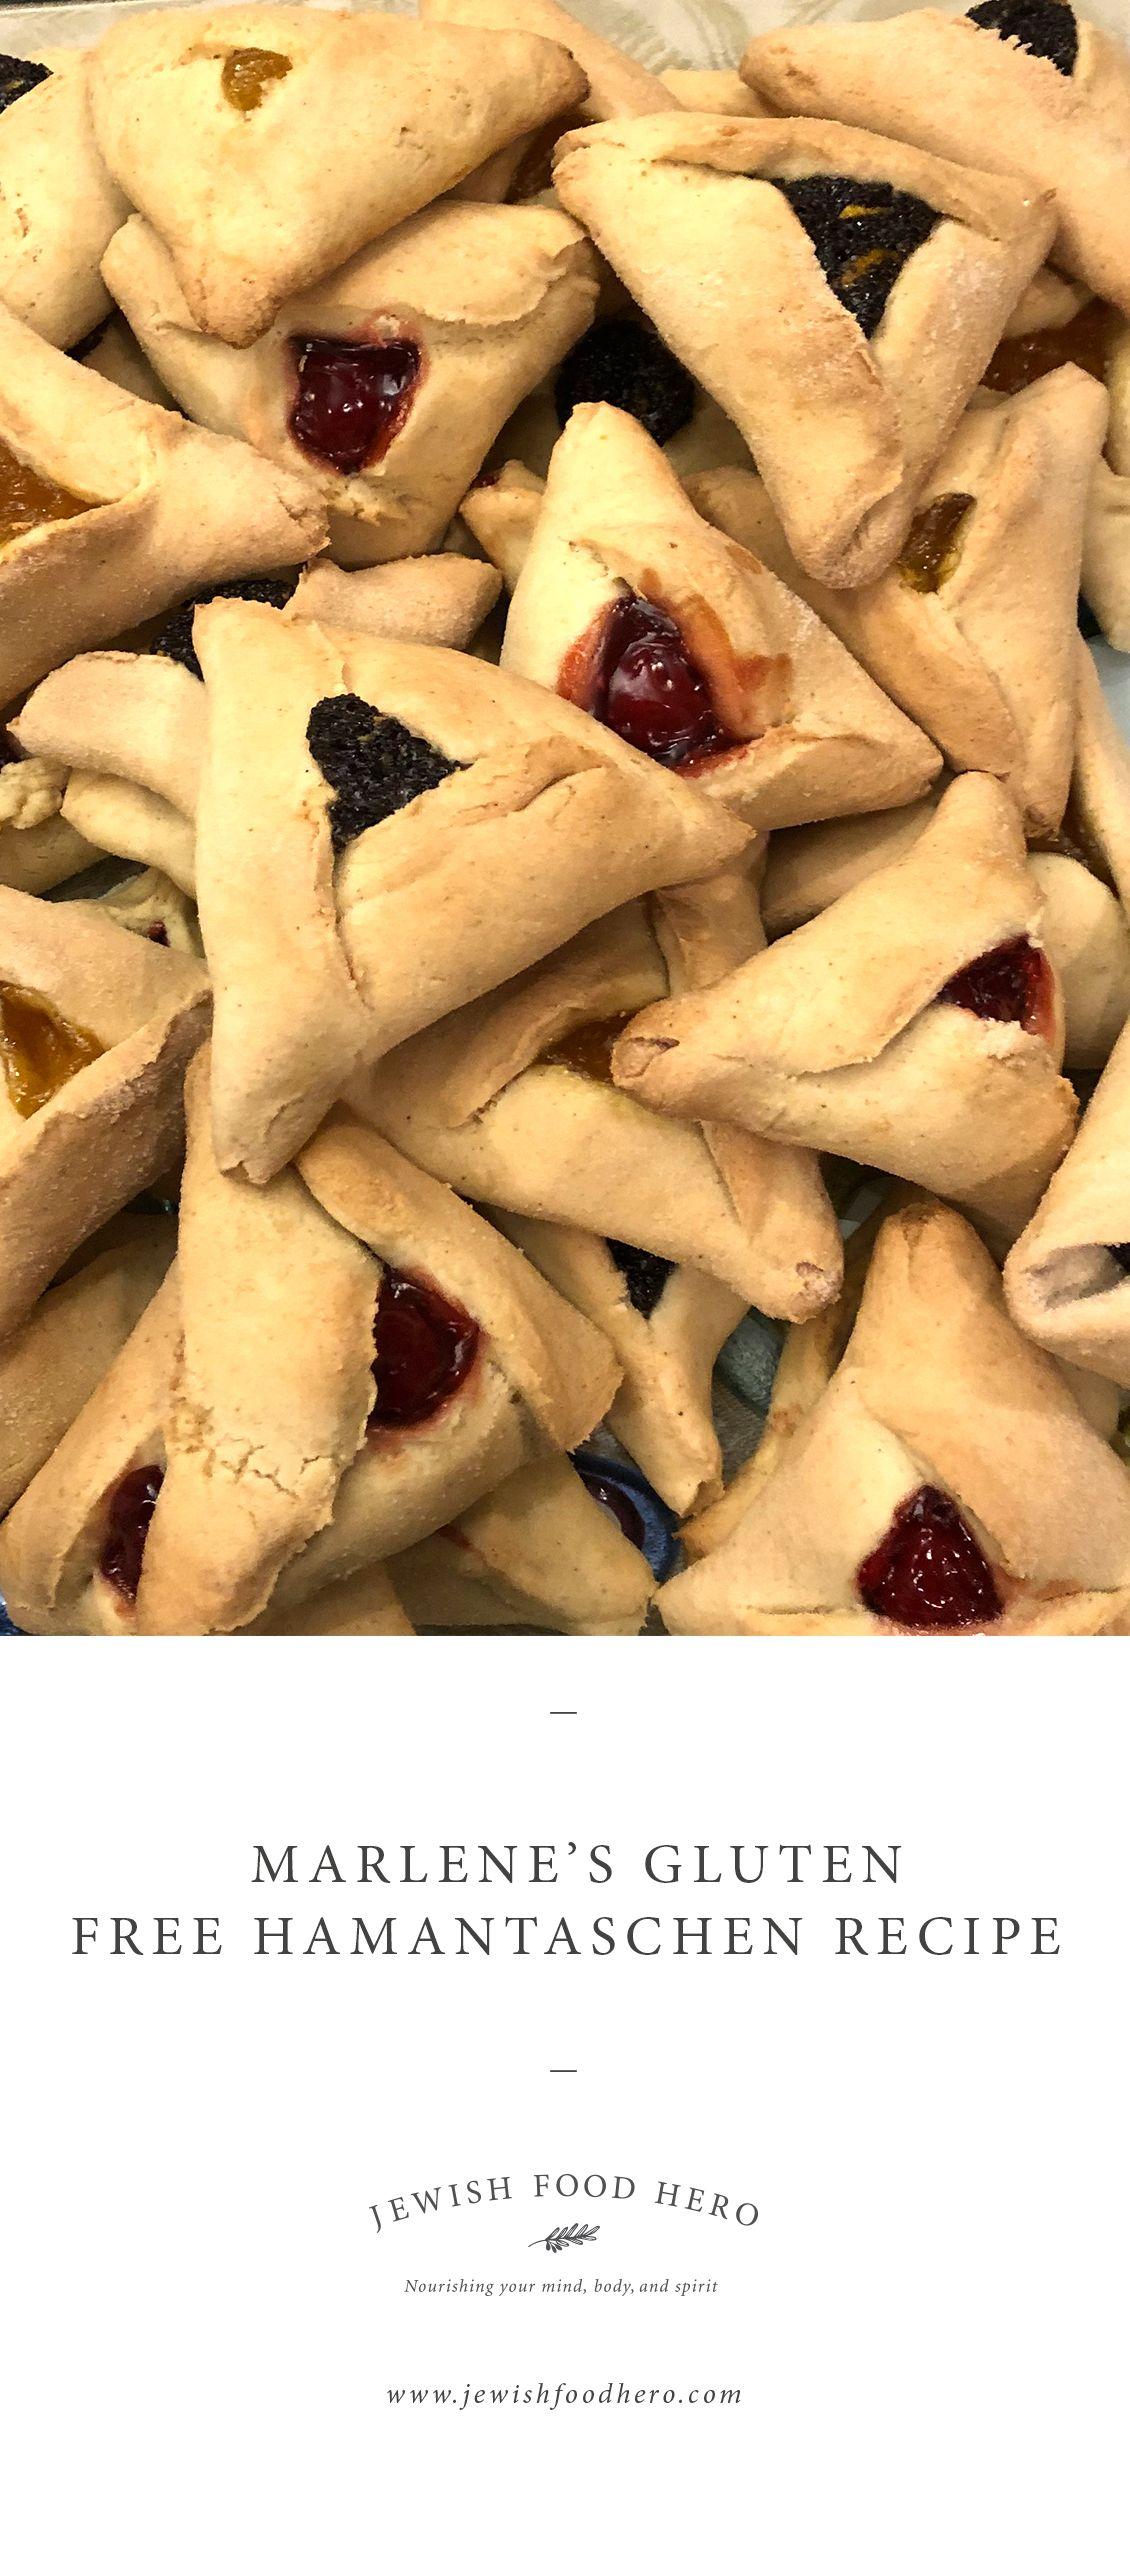 Marlene S Gluten Free Hamantaschen Recipe Jewish Food Hero Recipe In 2020 Gluten Free Hamantaschen Recipe Hamantaschen Recipe Jewish Recipes